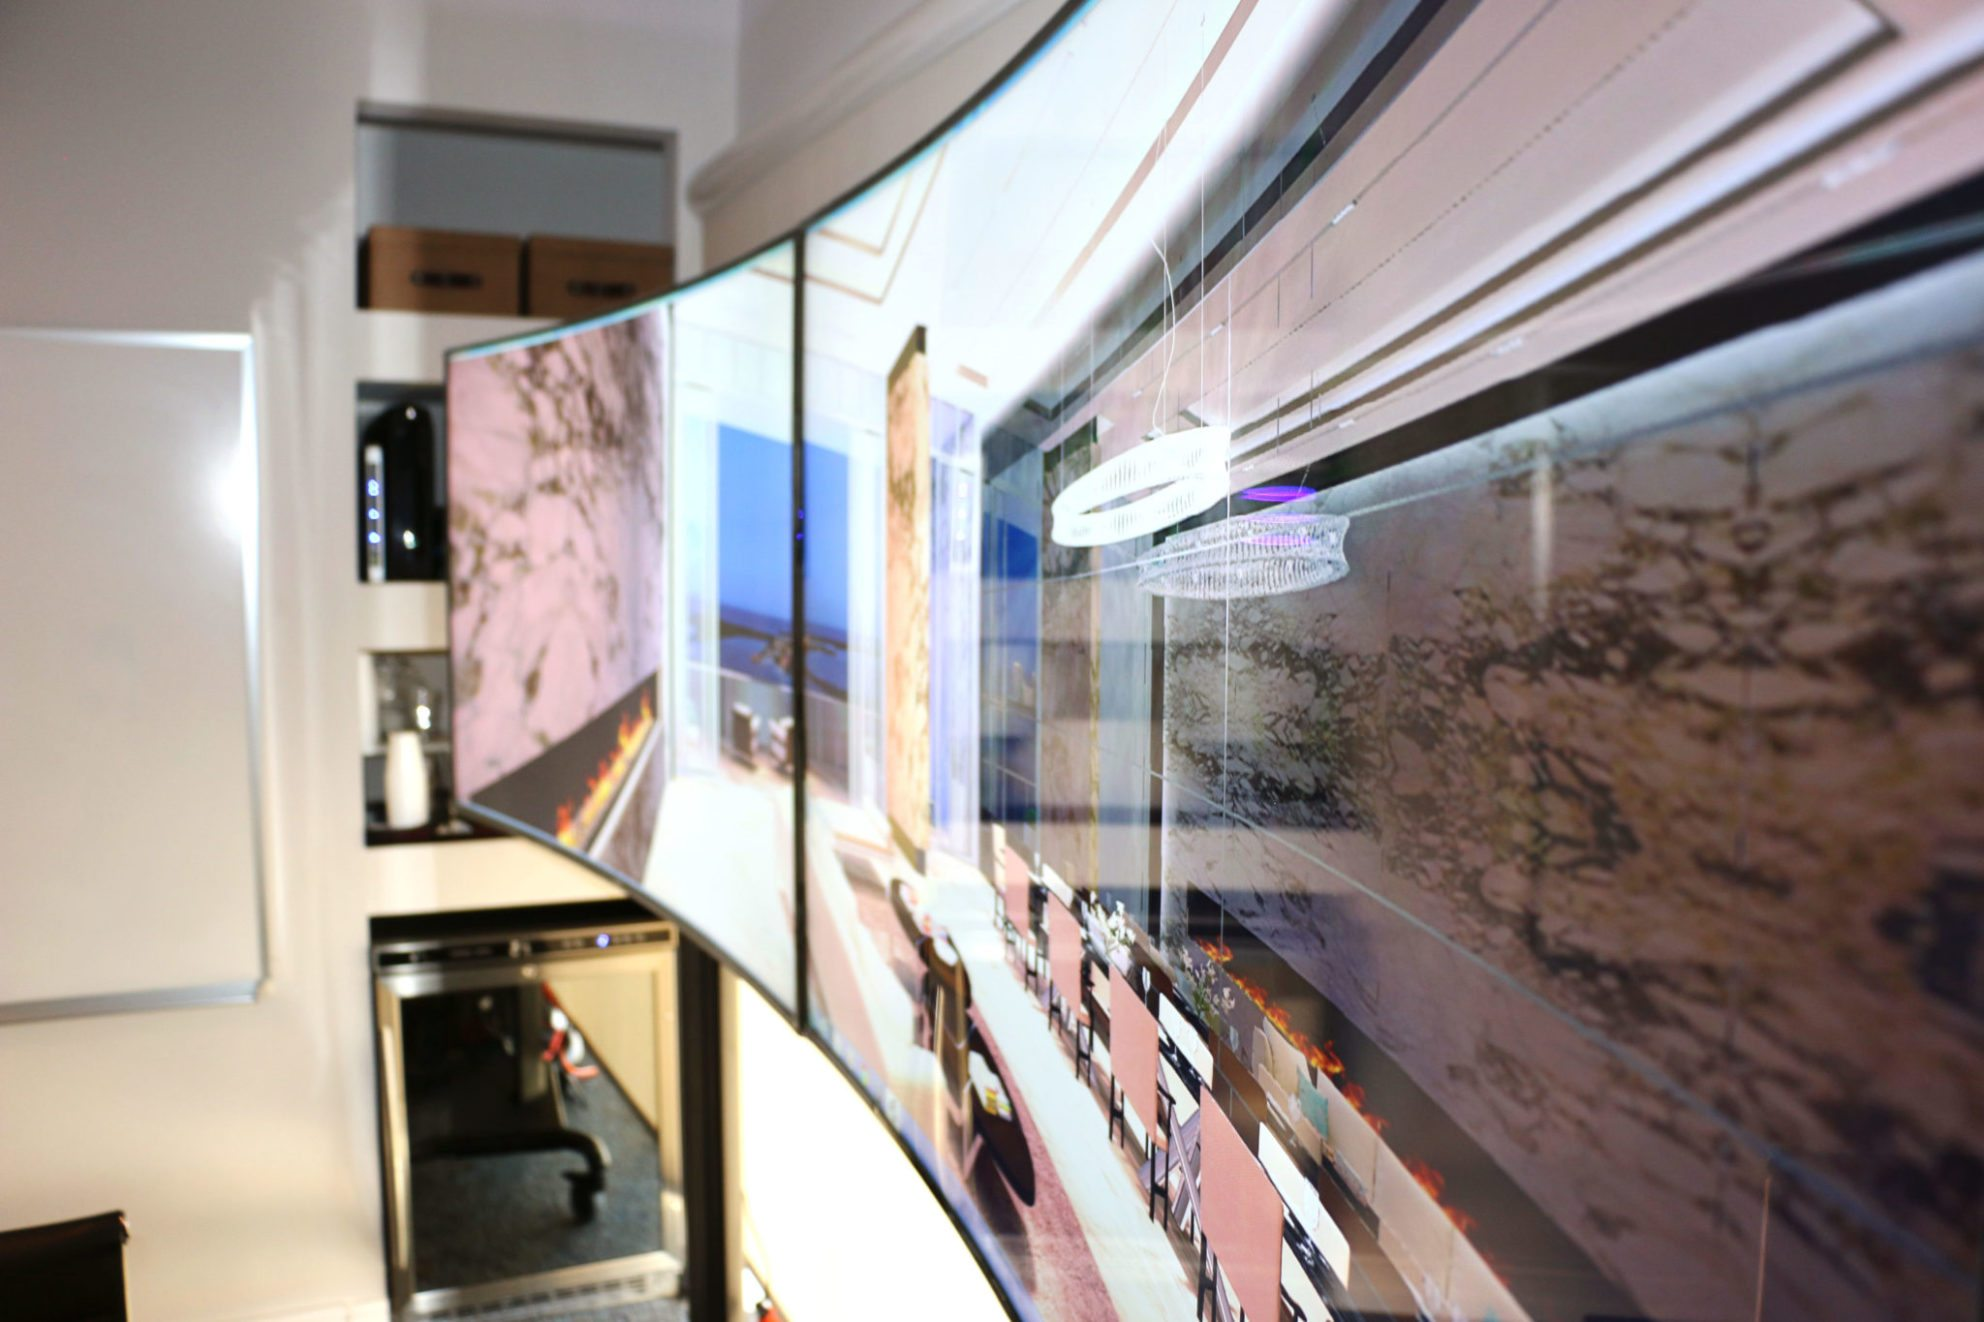 Latest 3-D tech triggers vertigo